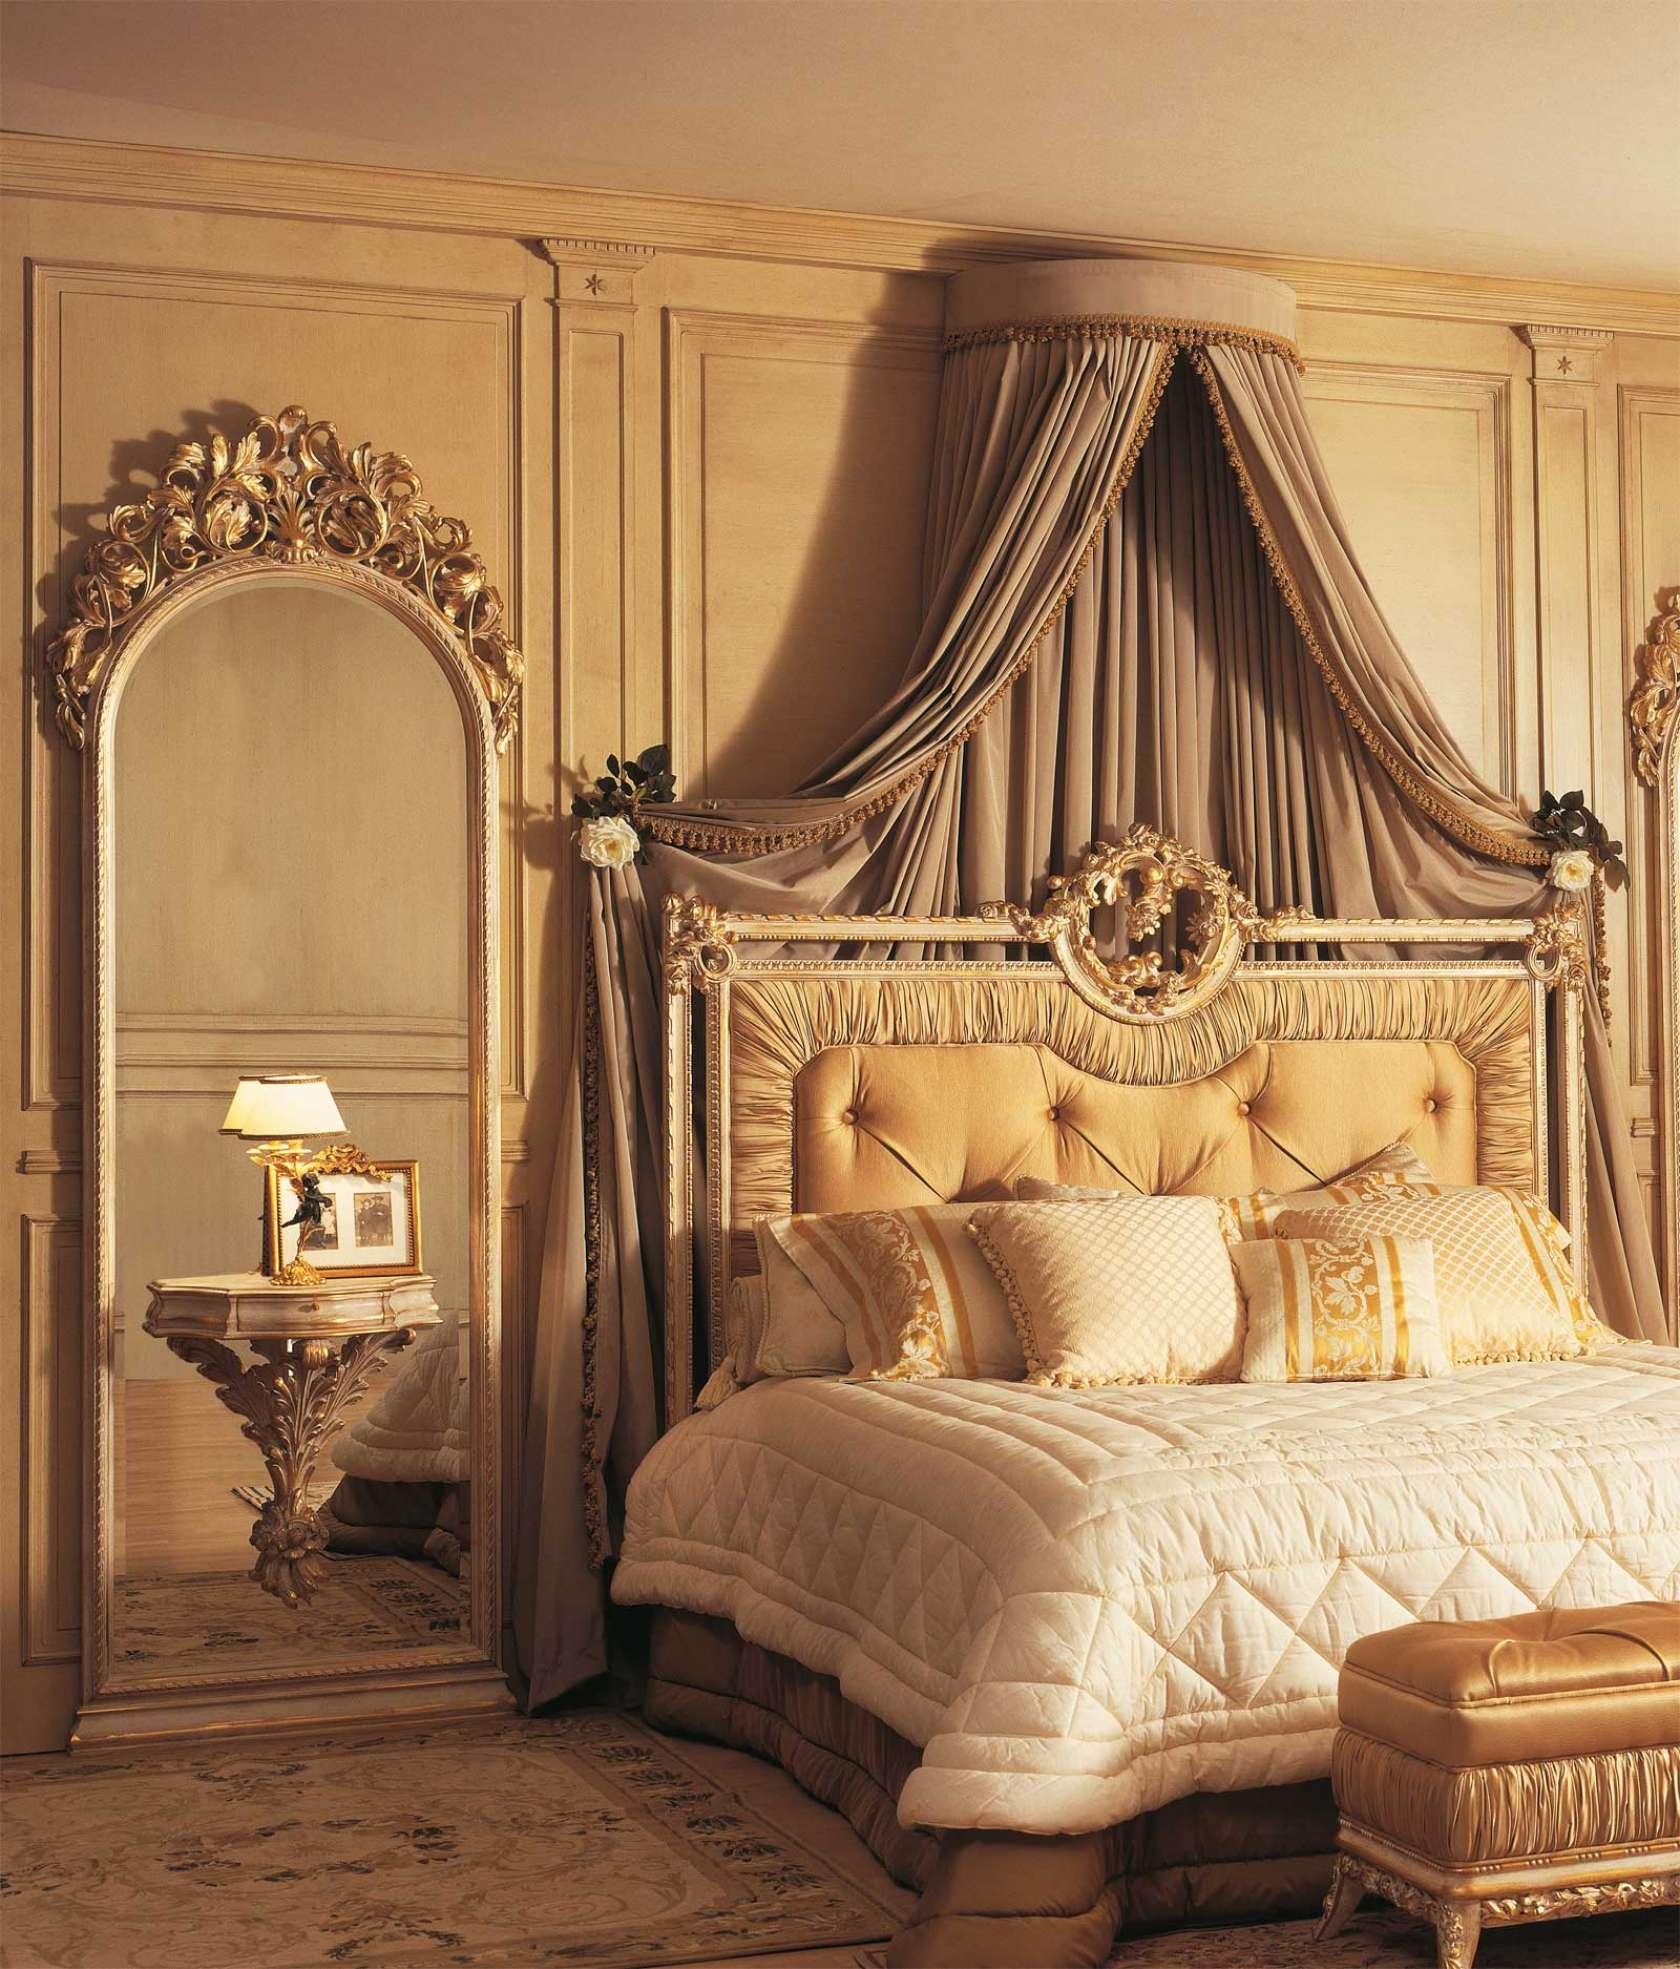 Camera da letto classica louvre letto specchiere con comodini integrati vimercati meda - Specchiere camera da letto ...